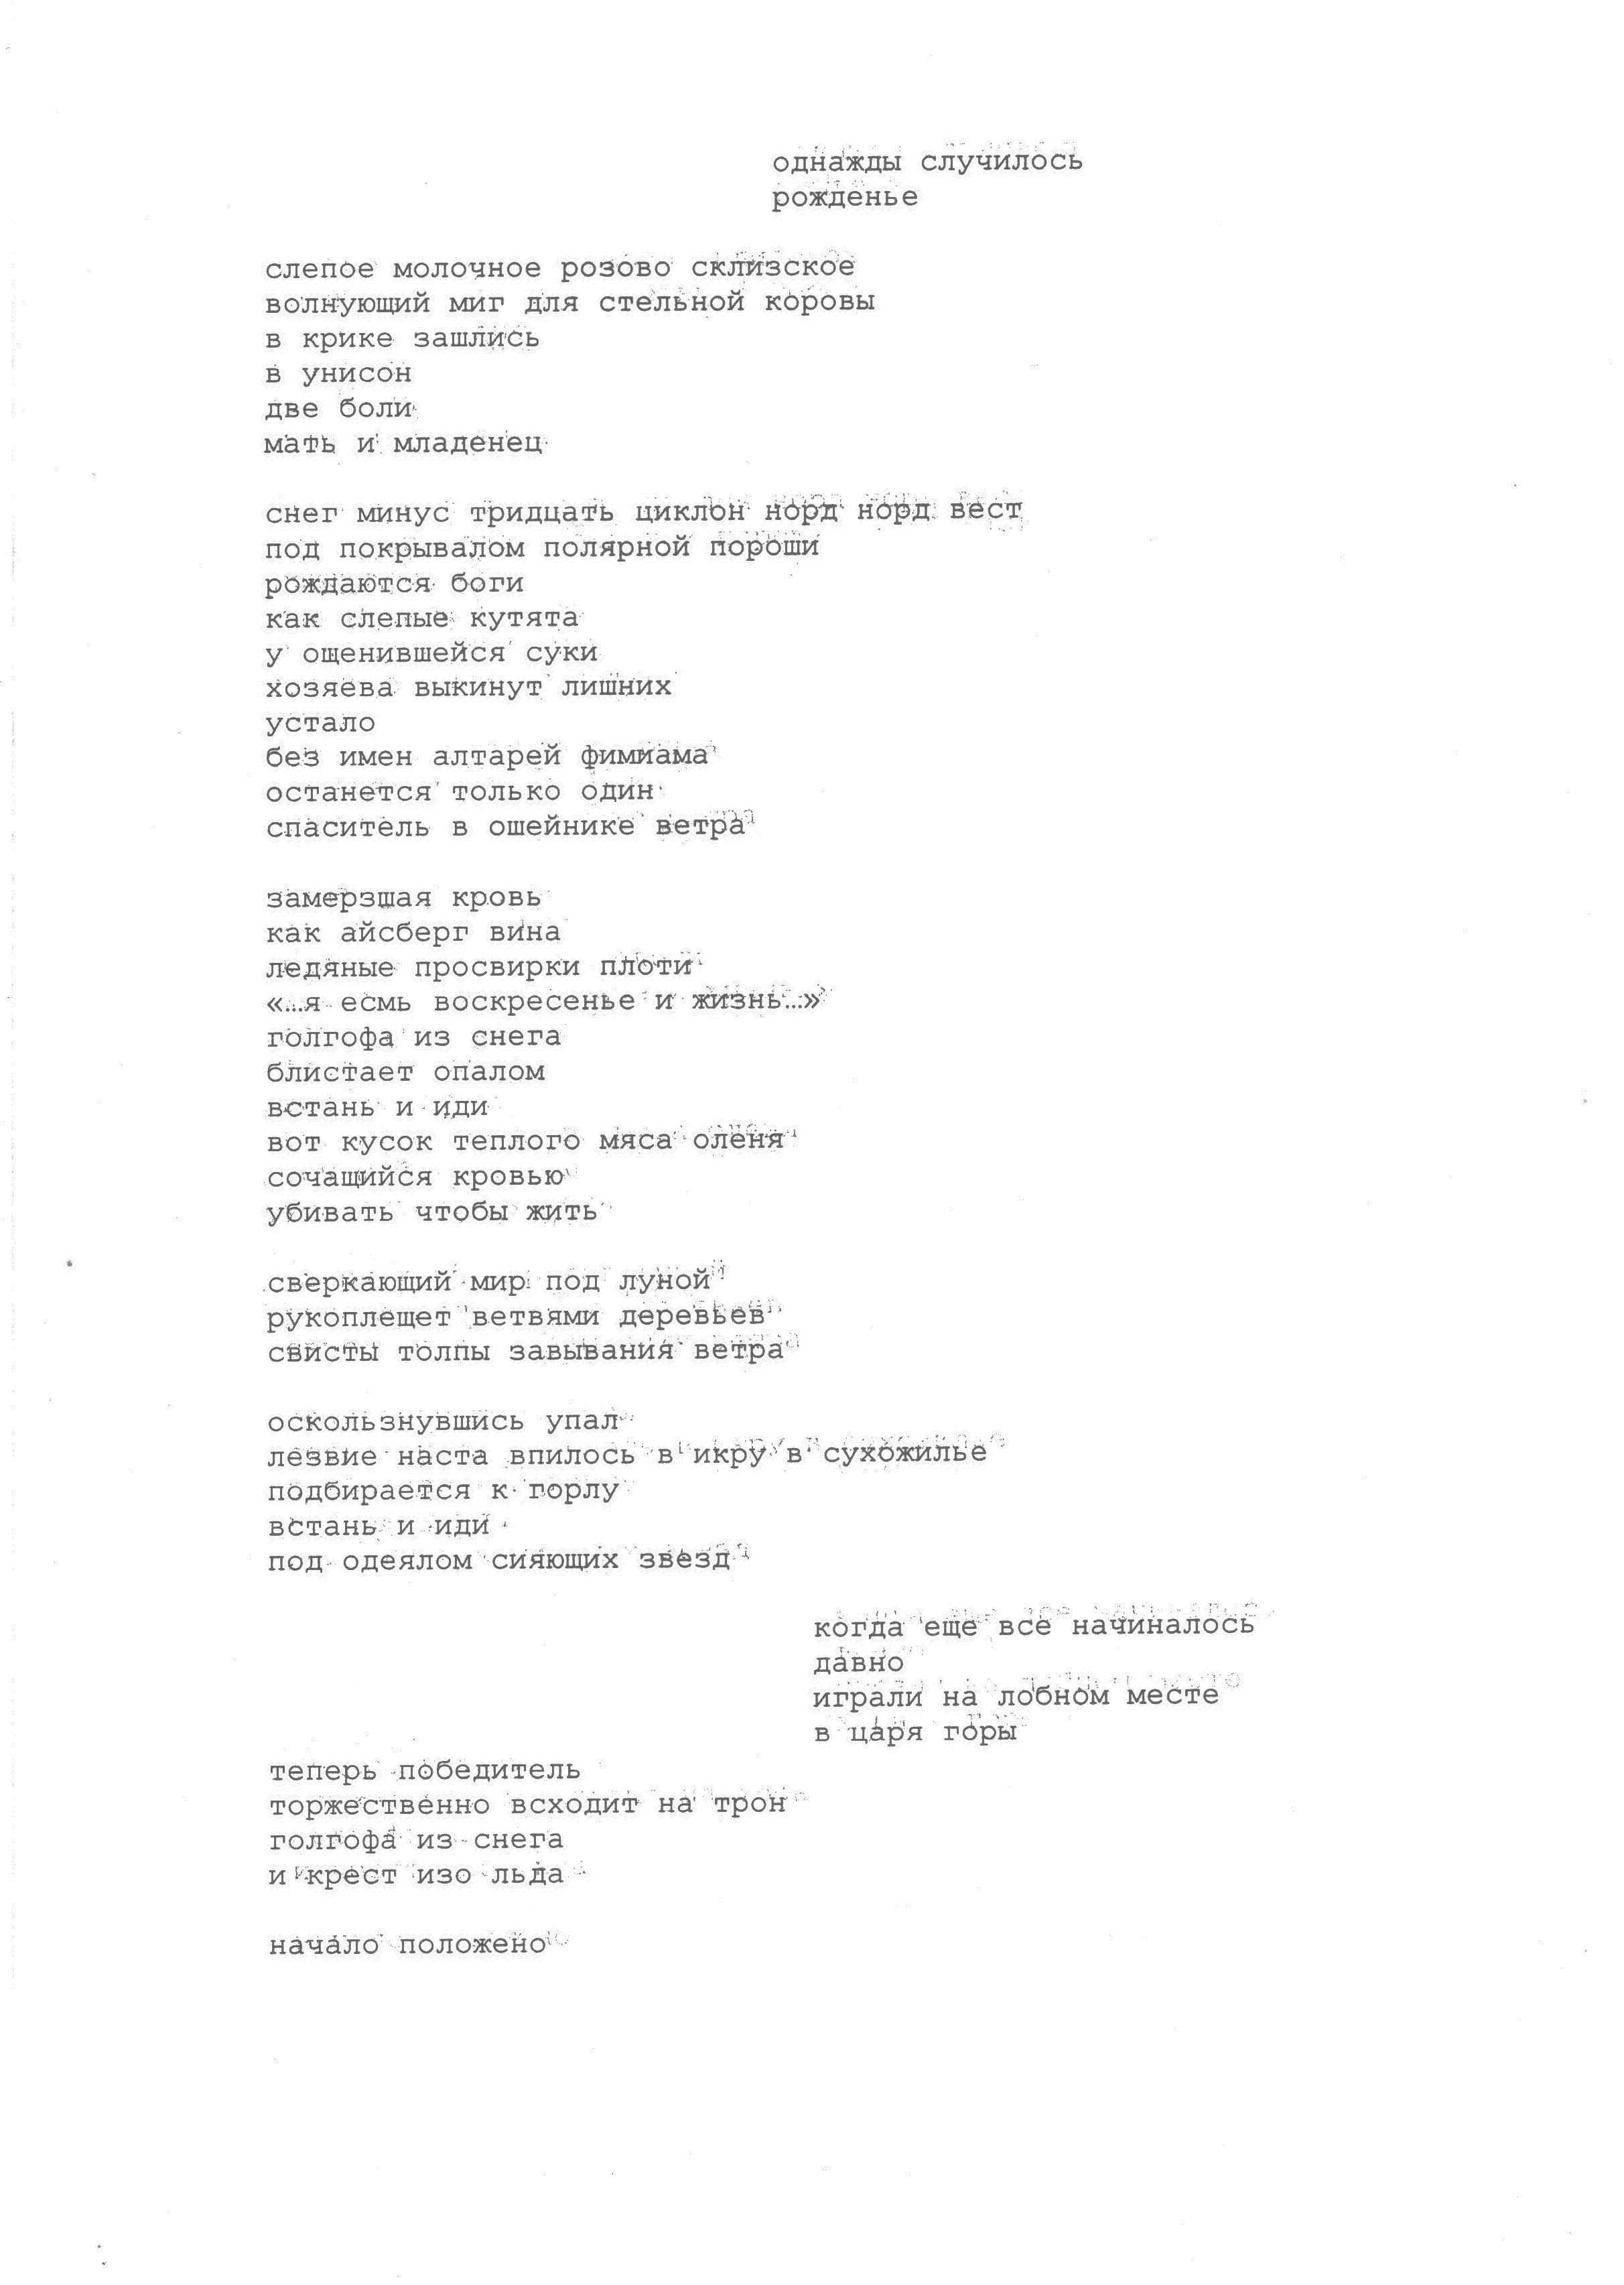 Отсканировано 14.11.2013 23-01 (7)